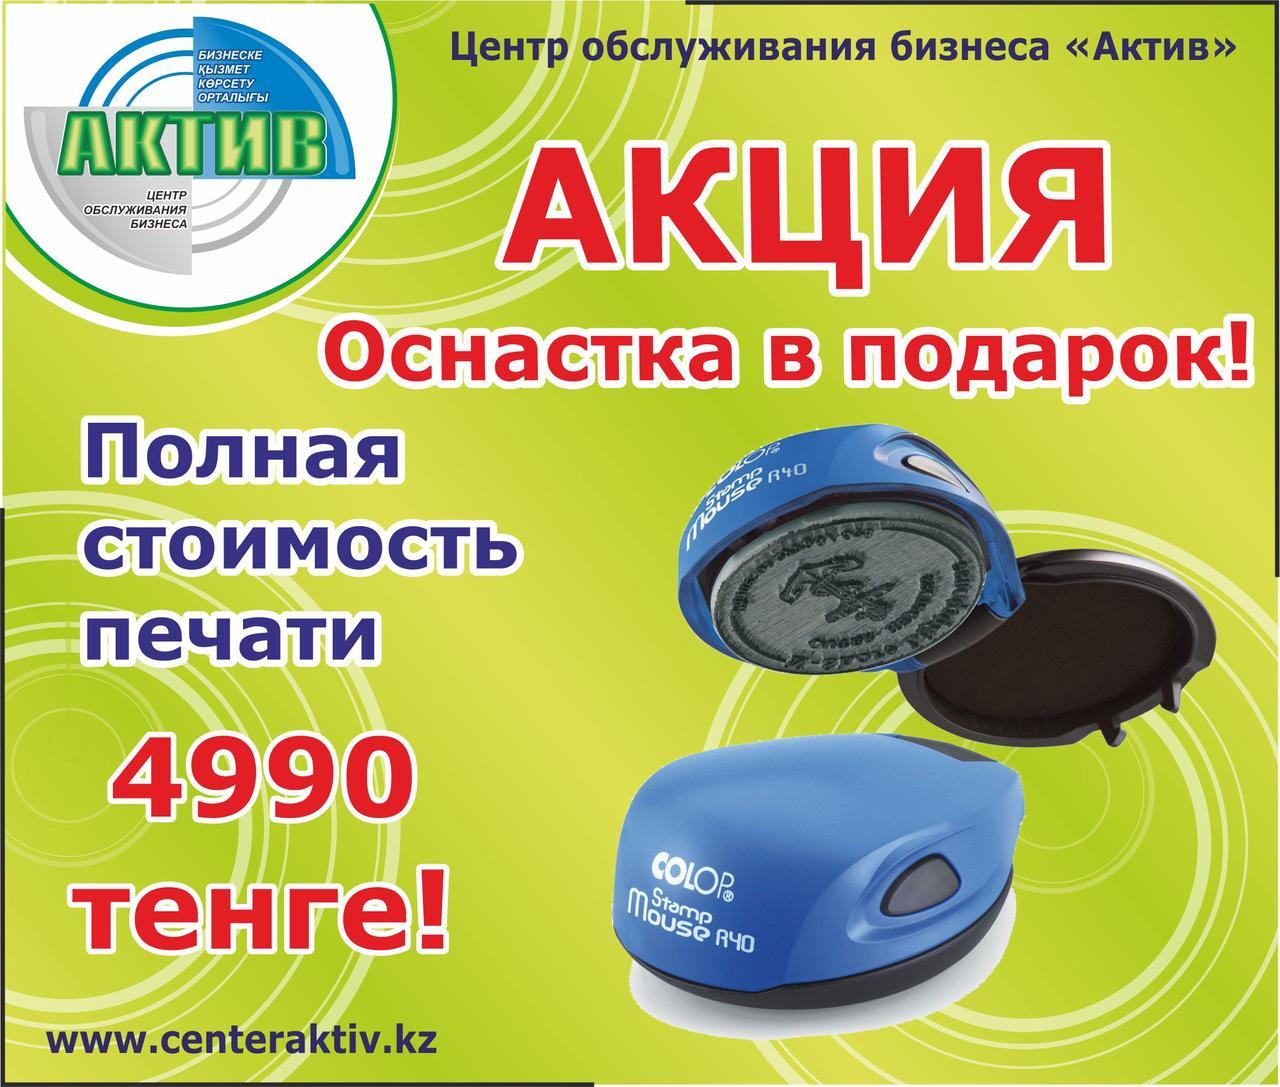 Печать штамп для ИП / ТОО Акция - оснастка в подарок Печать за 4990 т.